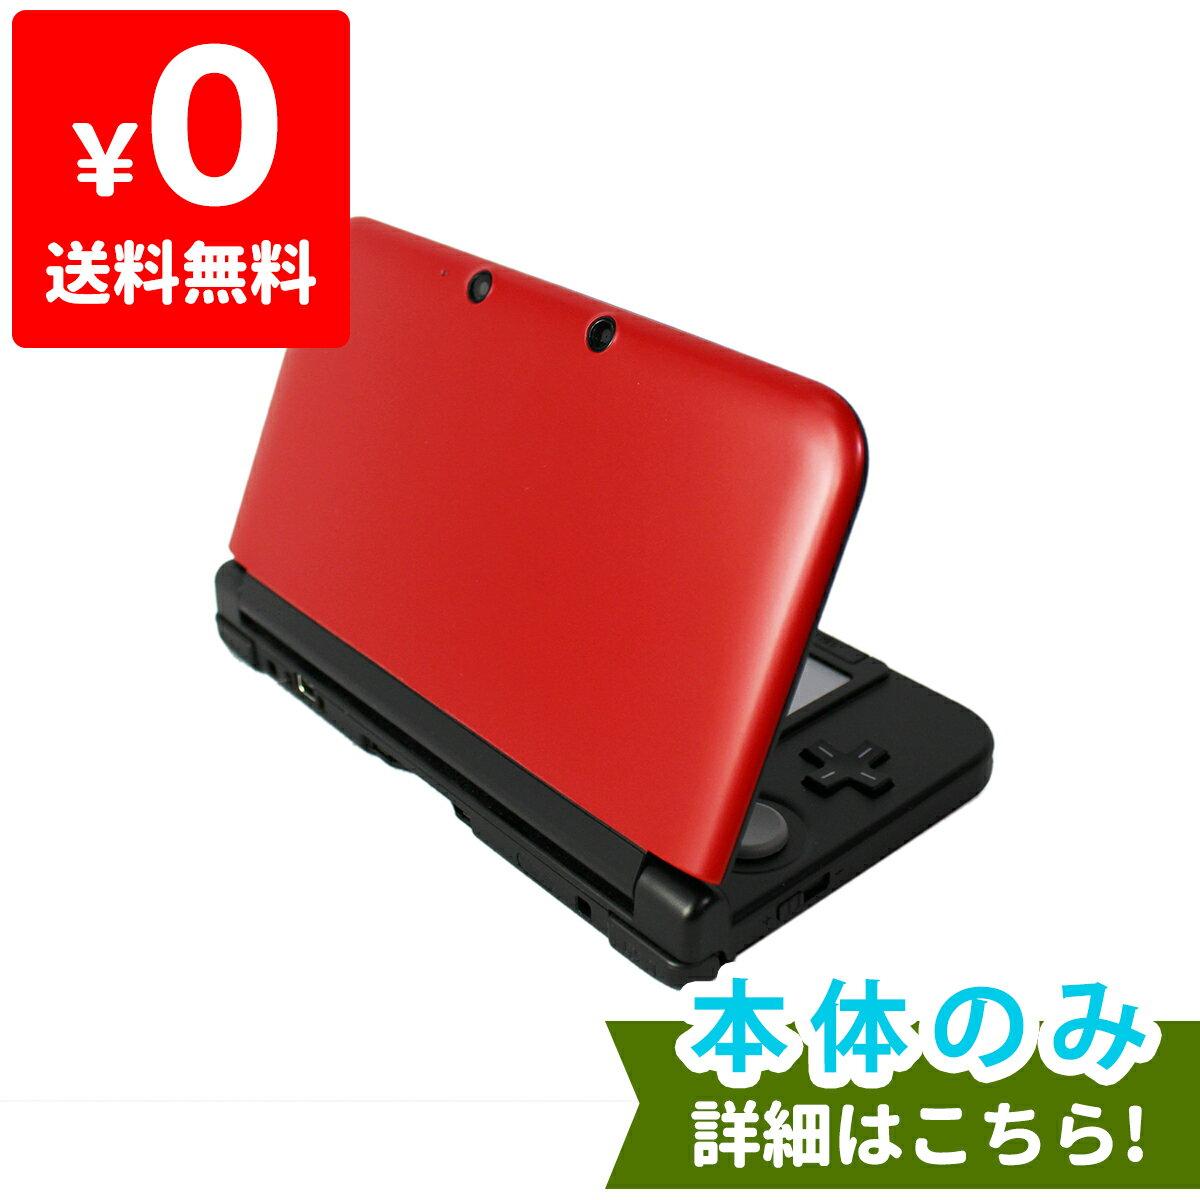 3DSLL ニンテンドー3DS LL レッドXブラック 本体のみ タッチペン付き Nintendo 任天堂 ニンテンドー 中古 4902370519549 送料無料 【中古】